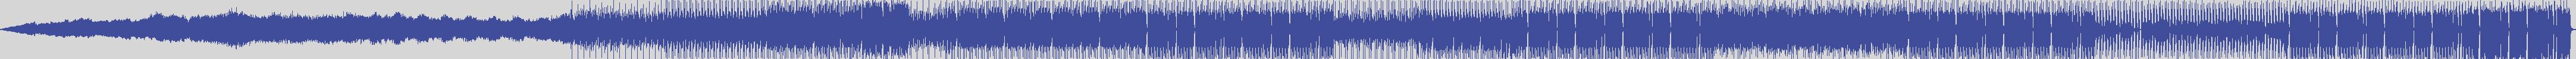 9records [9REC105] MBG - Tectona [Original Mix] audio wave form